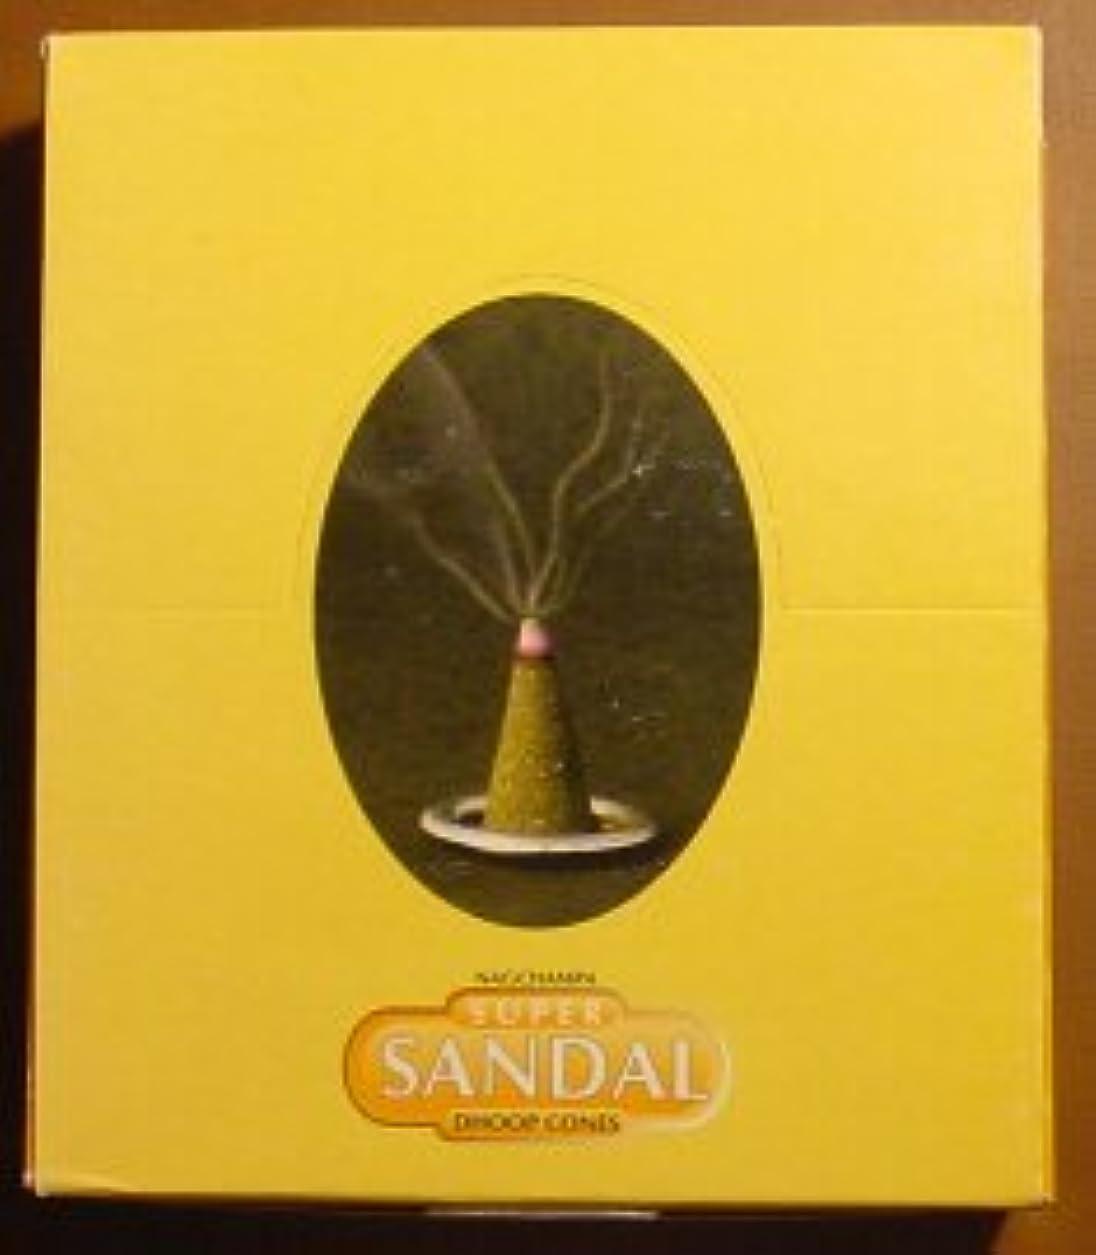 スーパーサンダルコーン – ボックスof 12パッケージ( 144 Cones合計) – Satya Sai Baba Incense